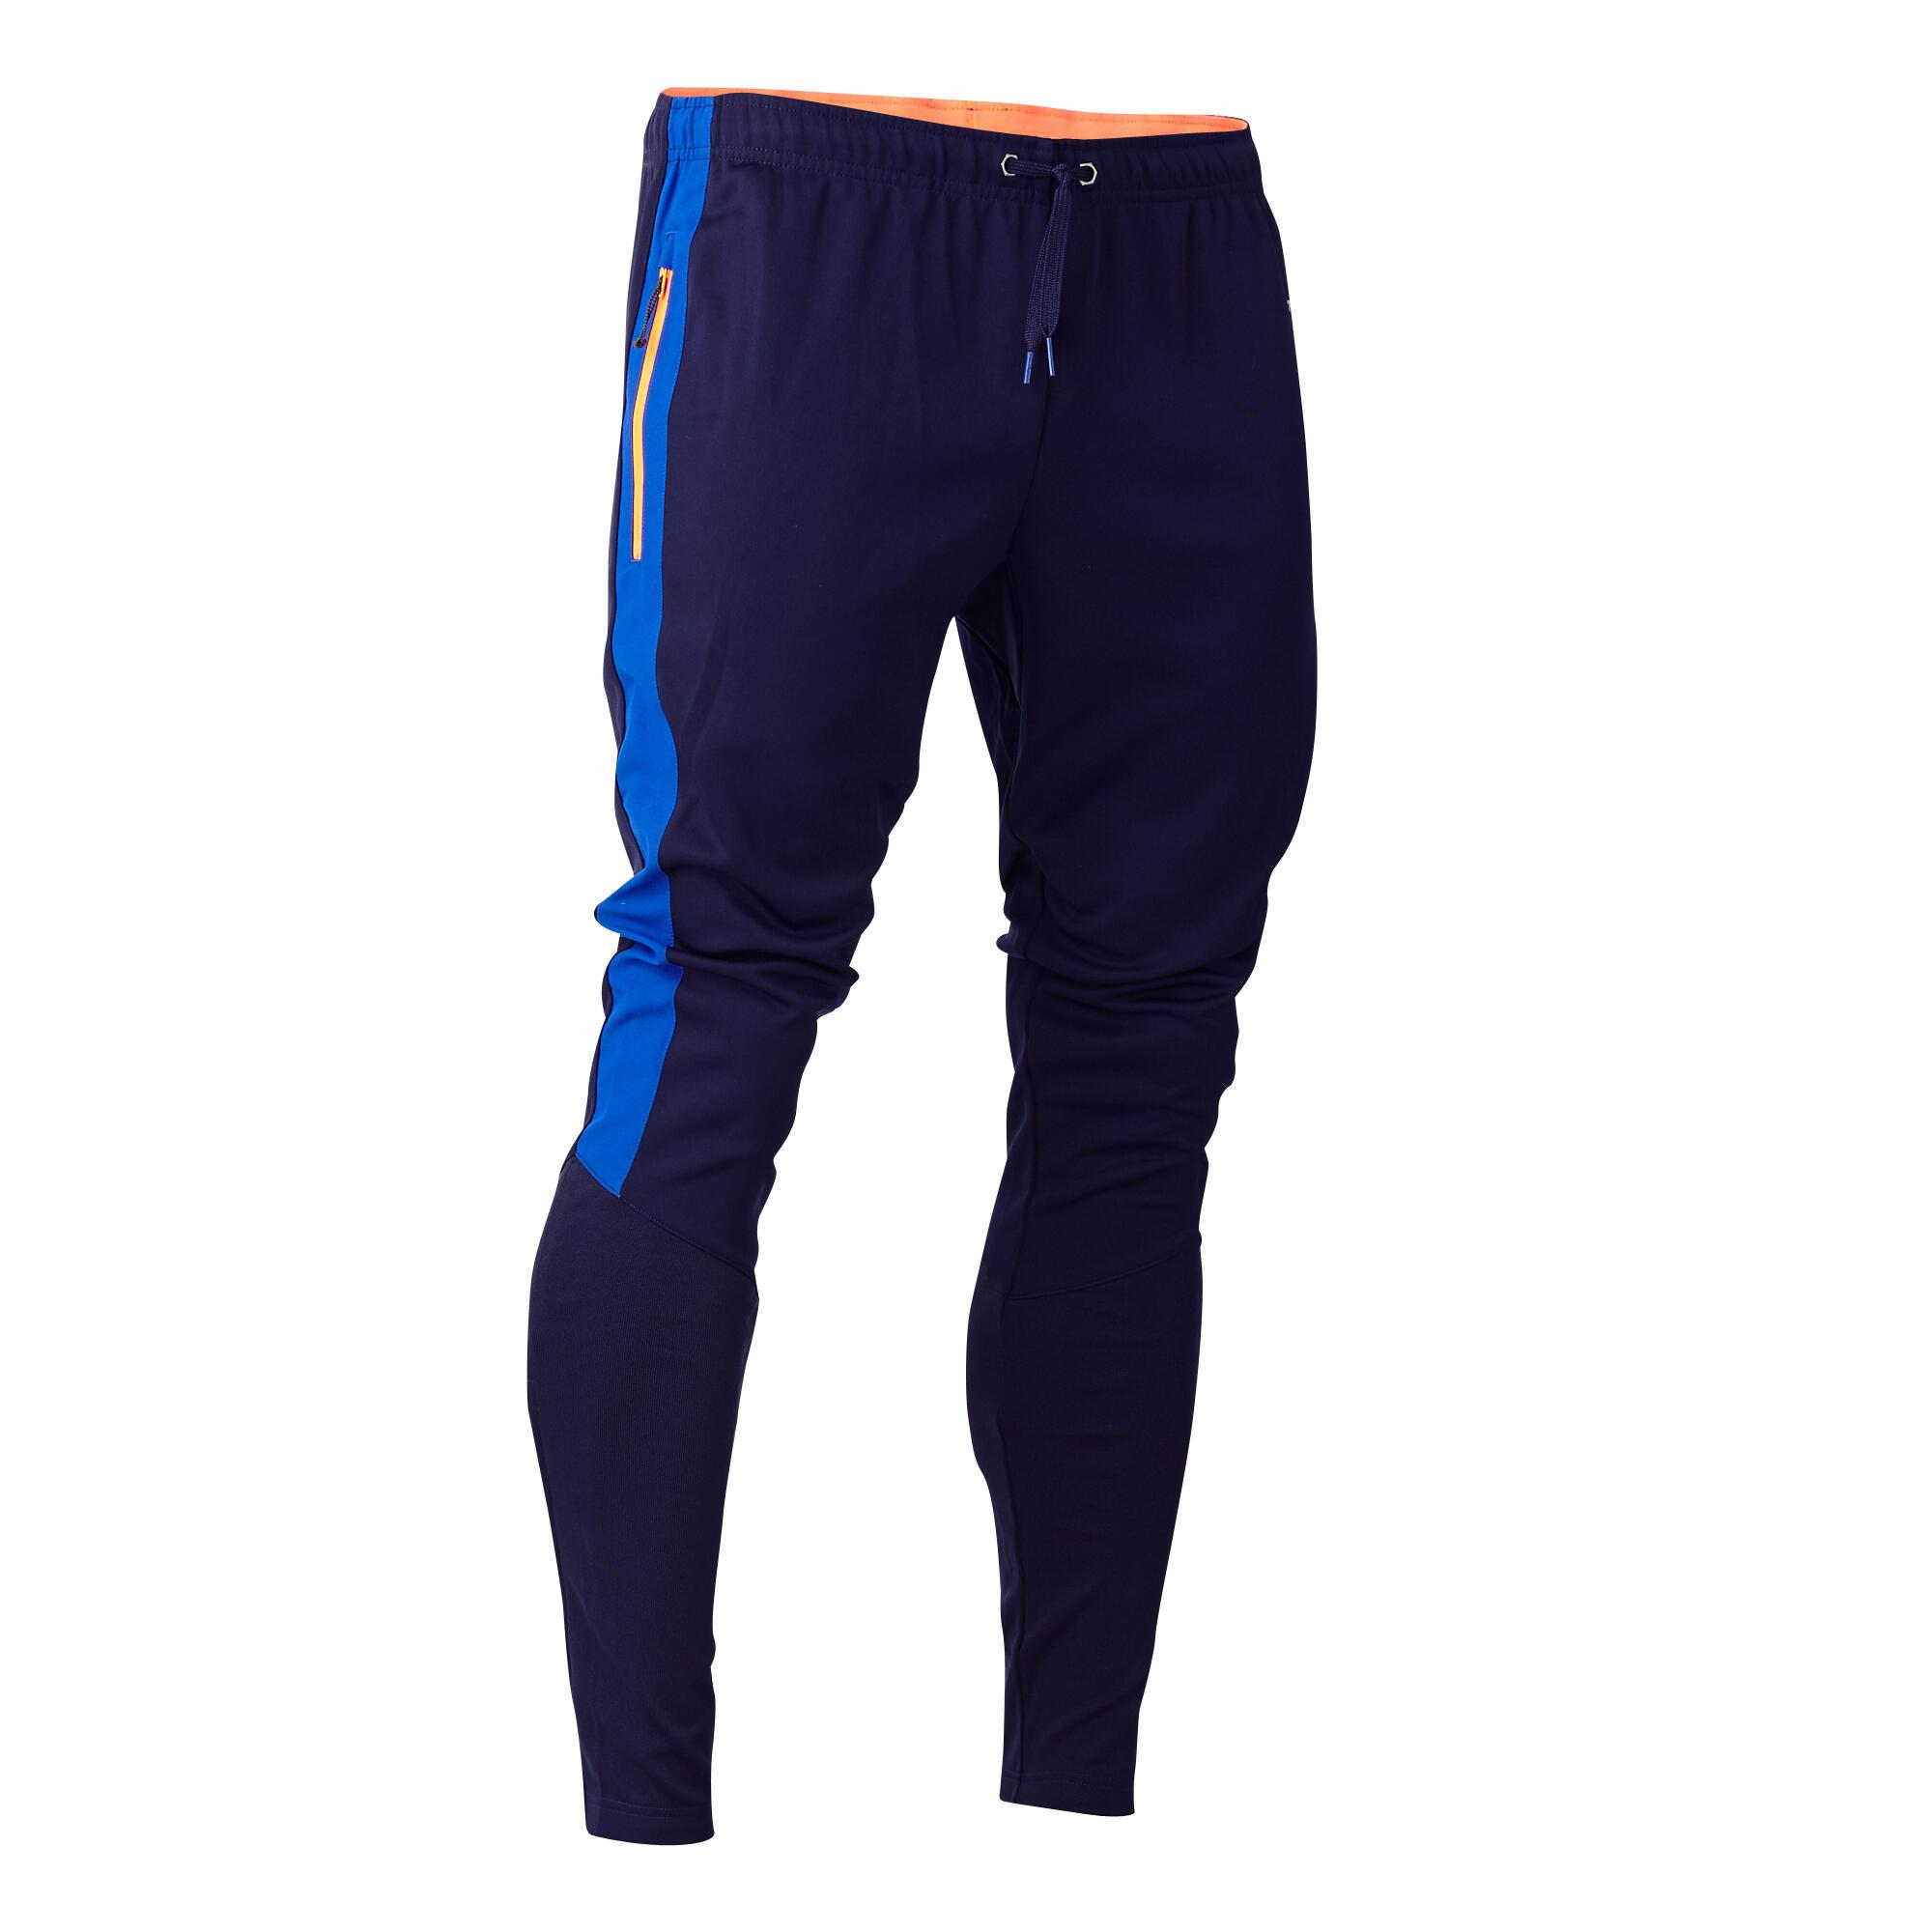 Pants de entrenamiento de fútbol para adulto T500 azul marino